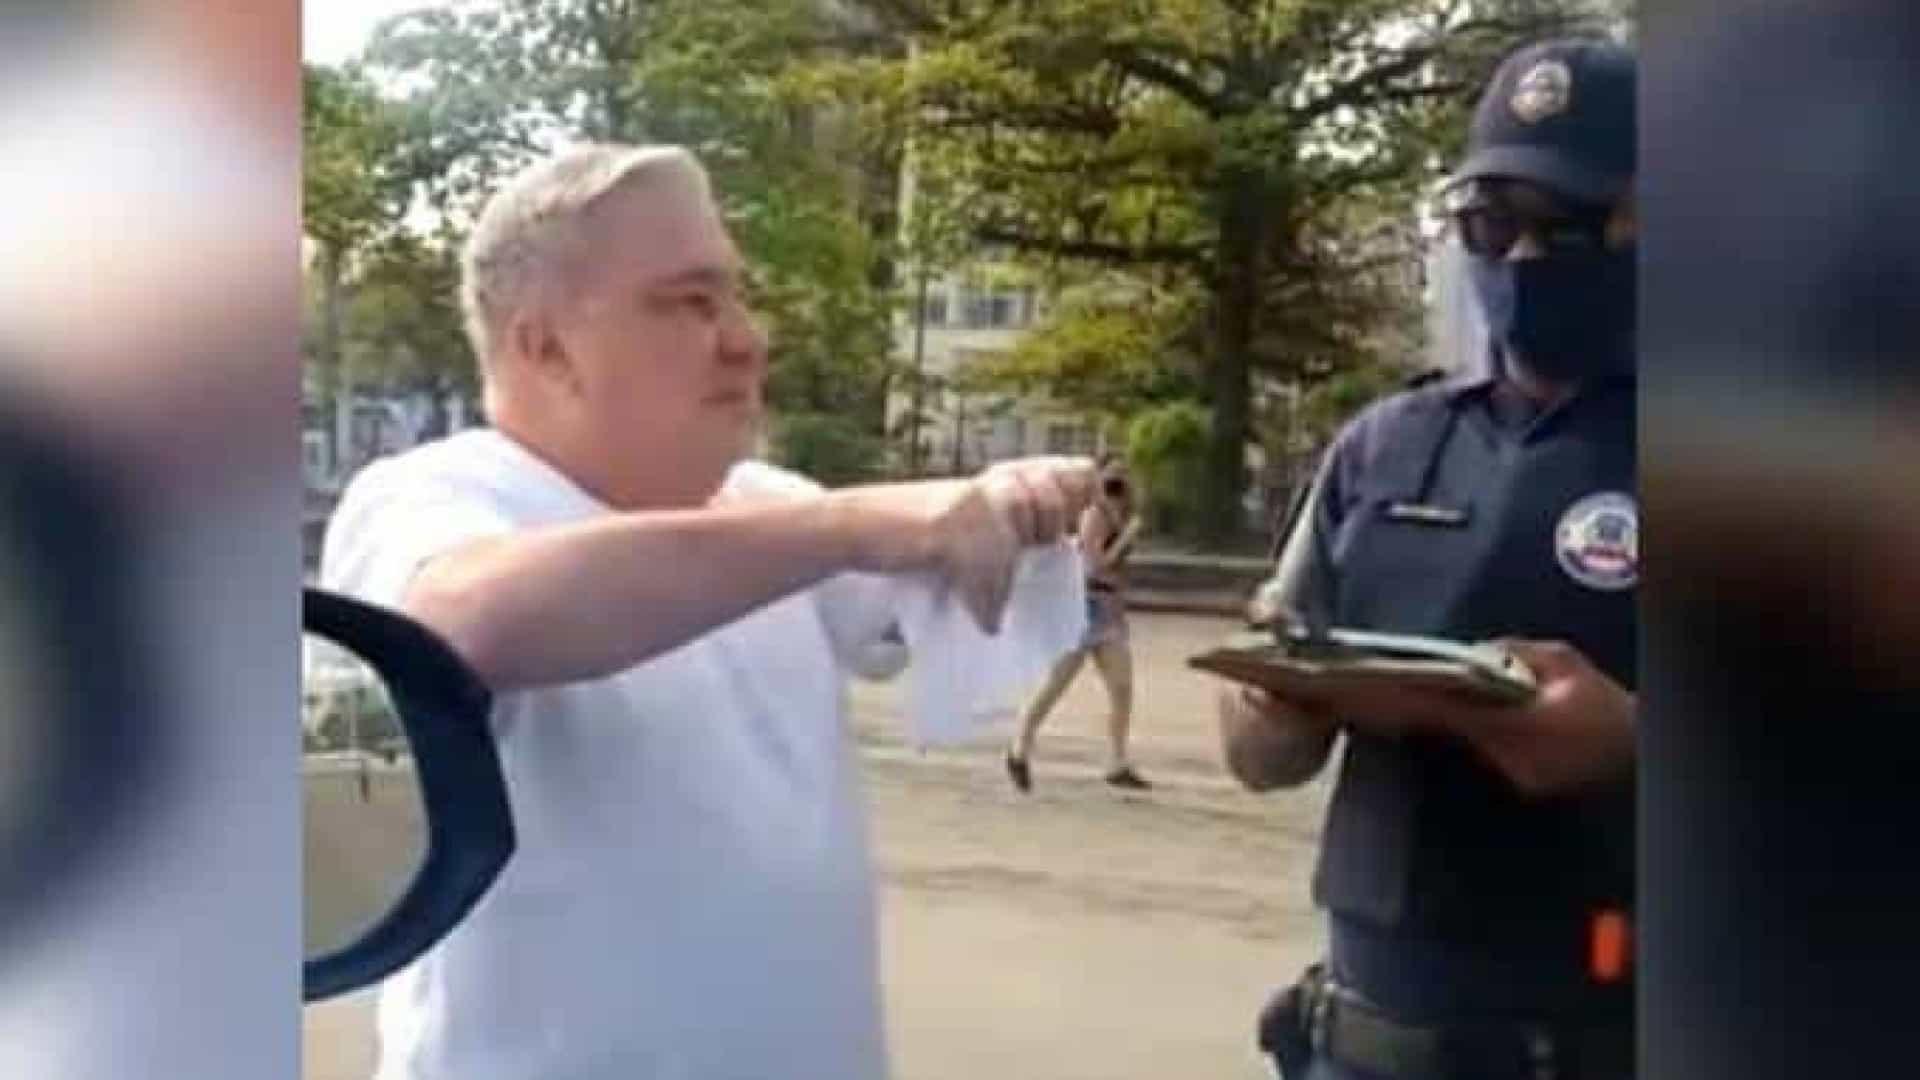 Desembargador que ofendeu guarda alega em recurso que sofre de 'mal psiquiátrico'